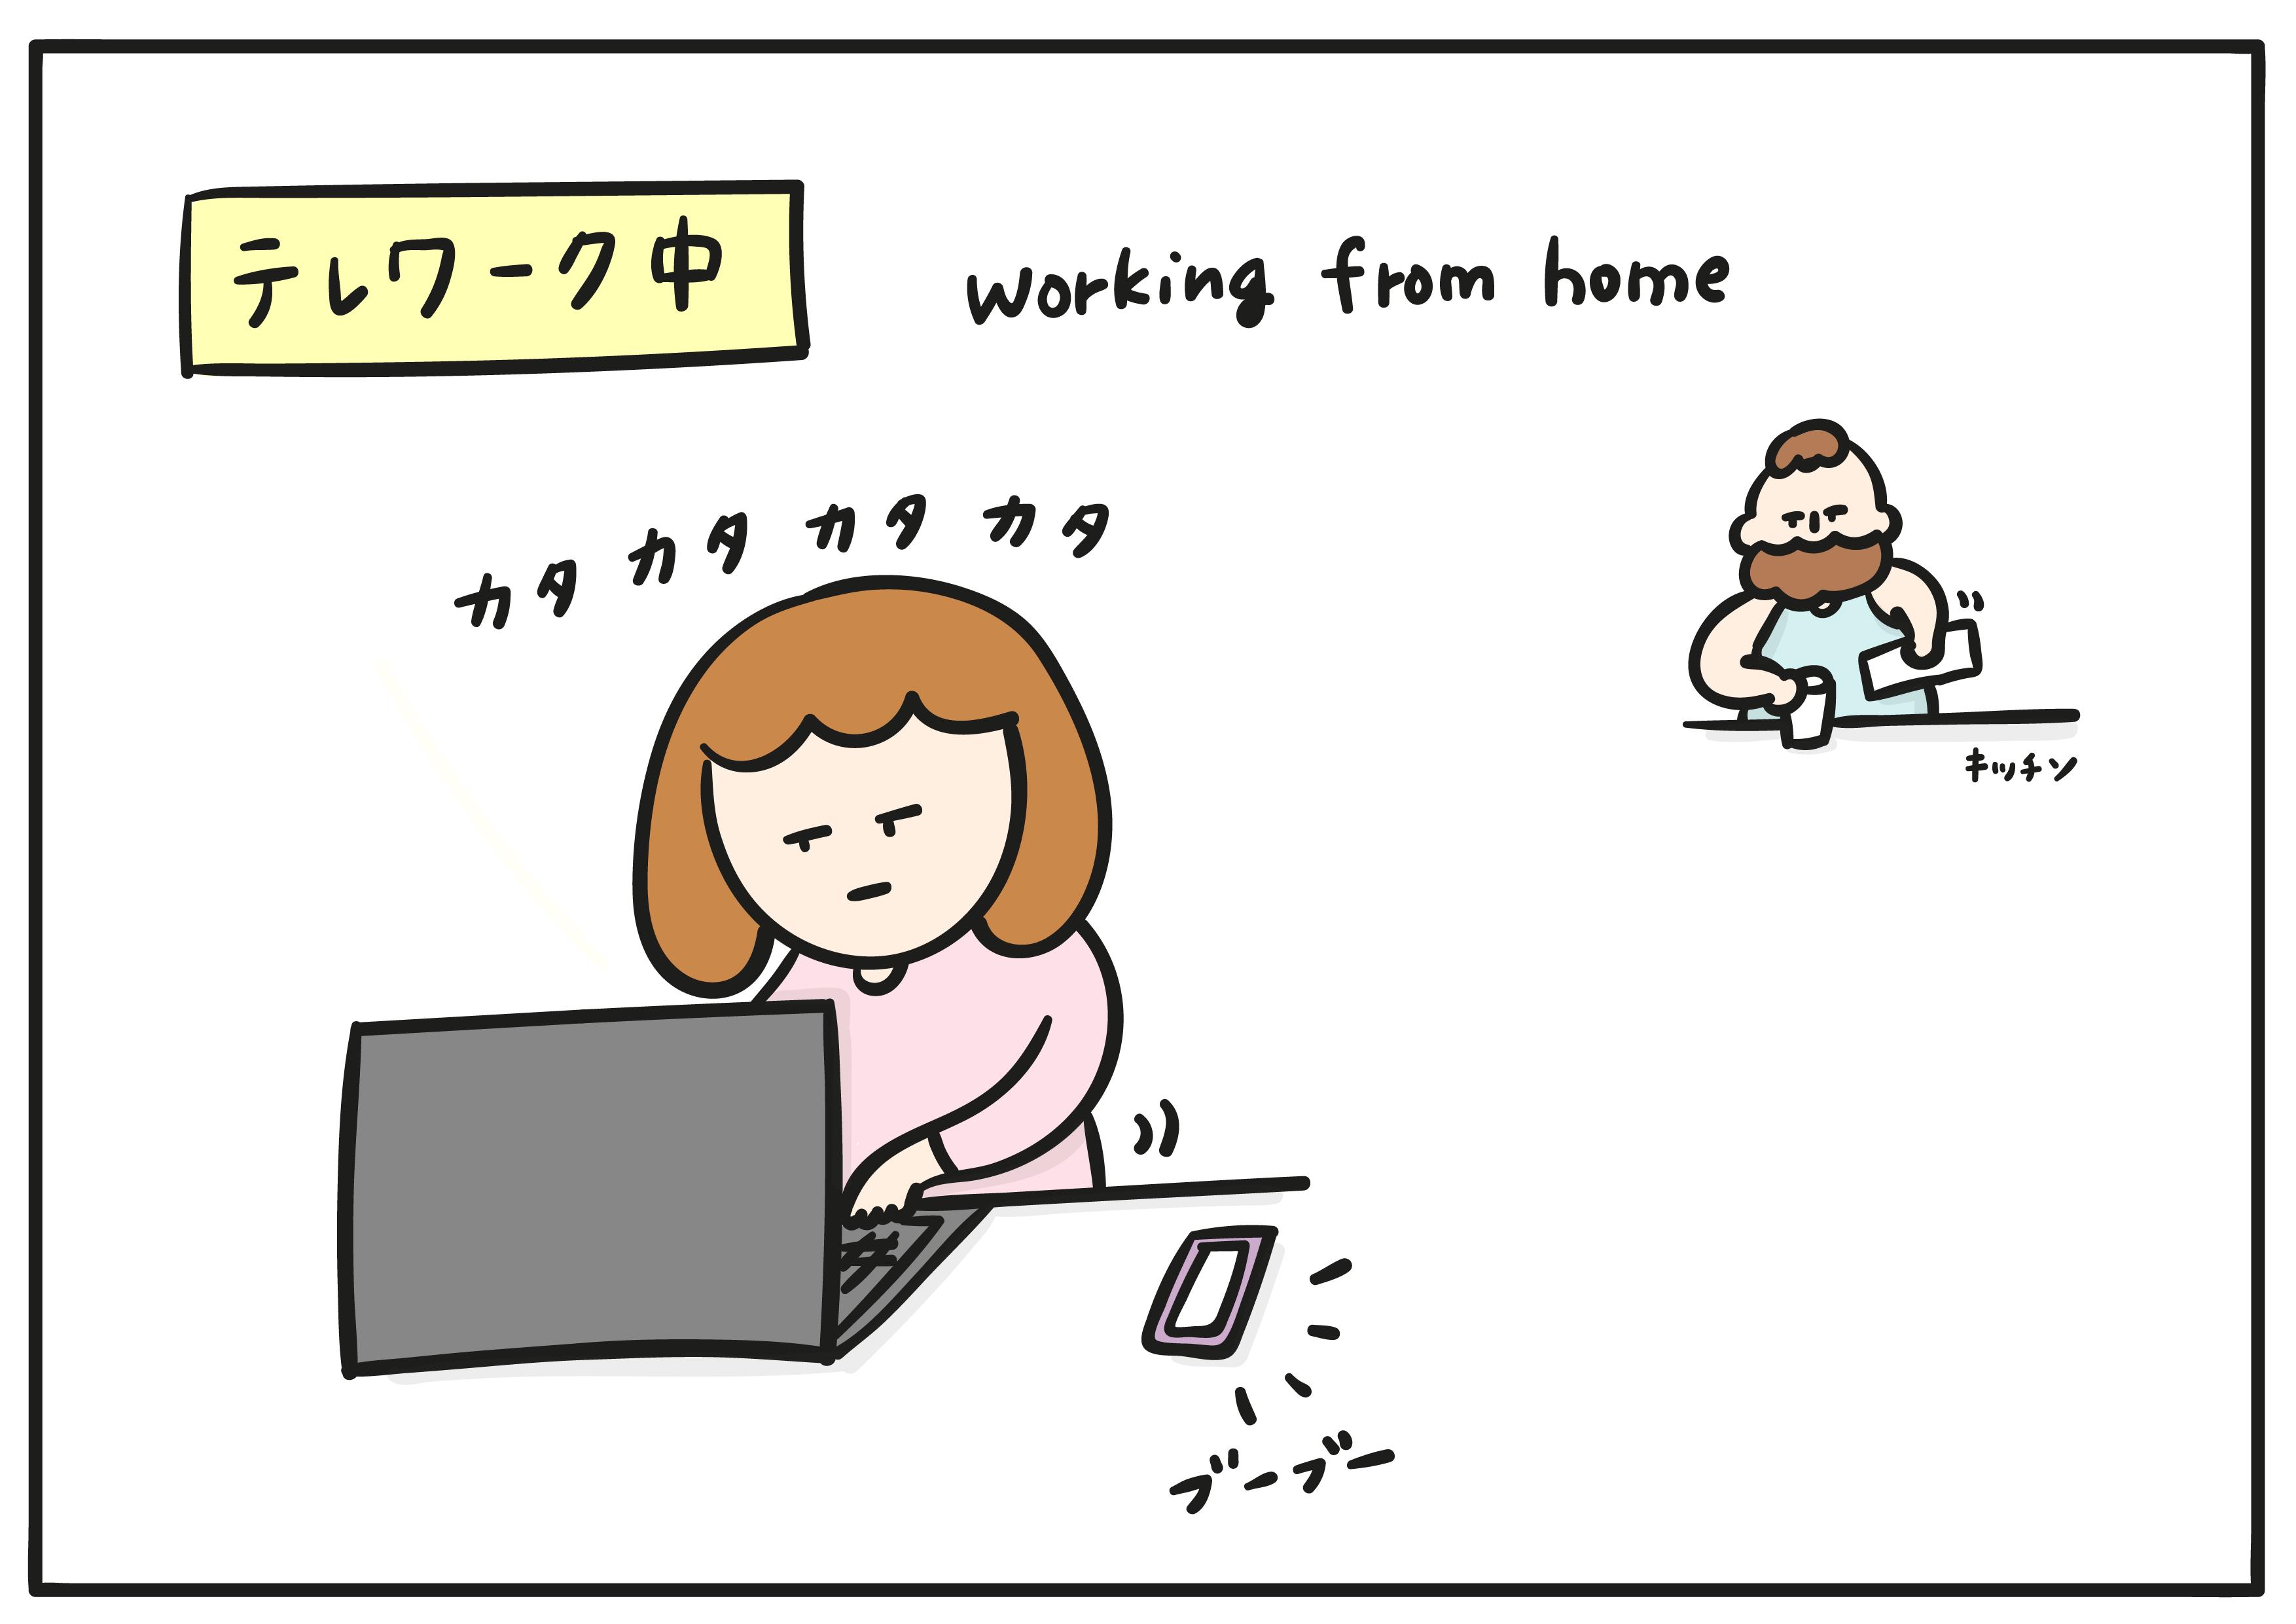 テレワークで困ること_01-01